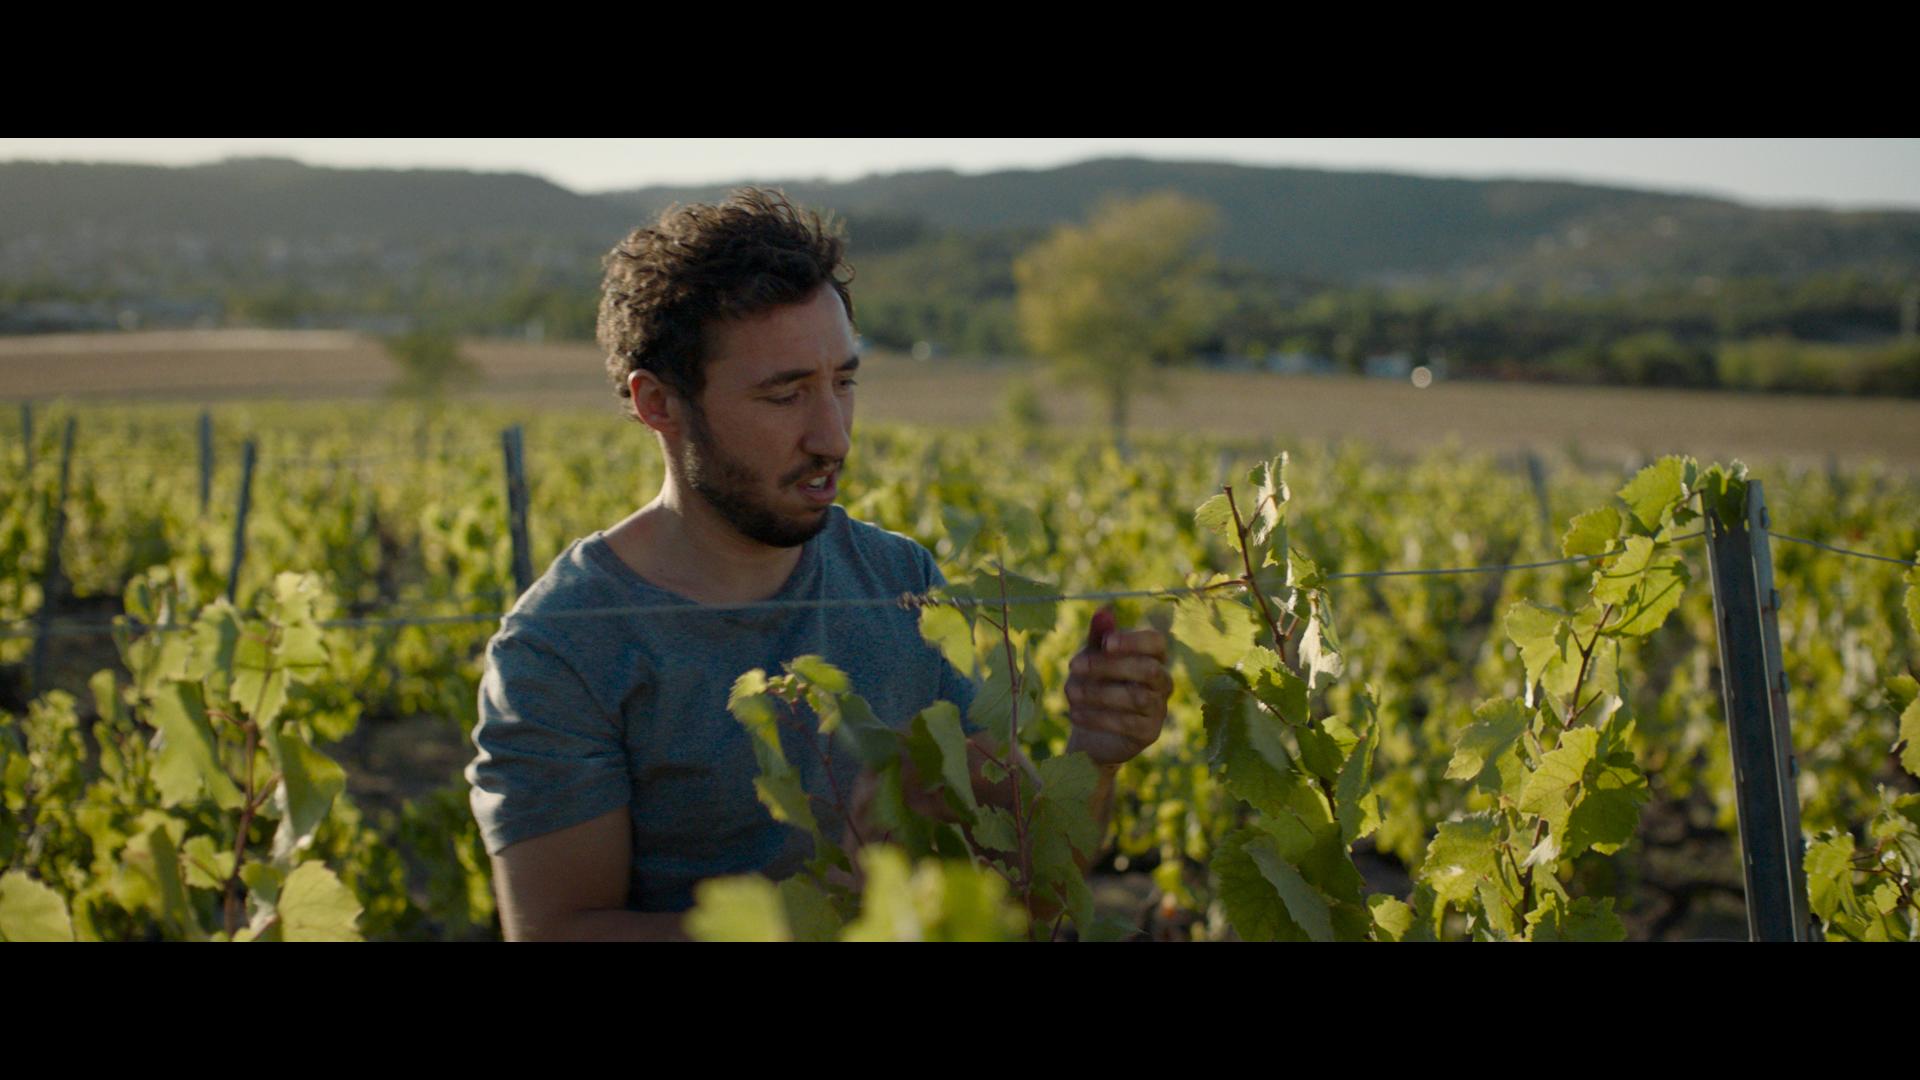 Ein Mann mit blauem Shirt zwischen Weinreben beim Weinlesen - Schwarm der Schrecken